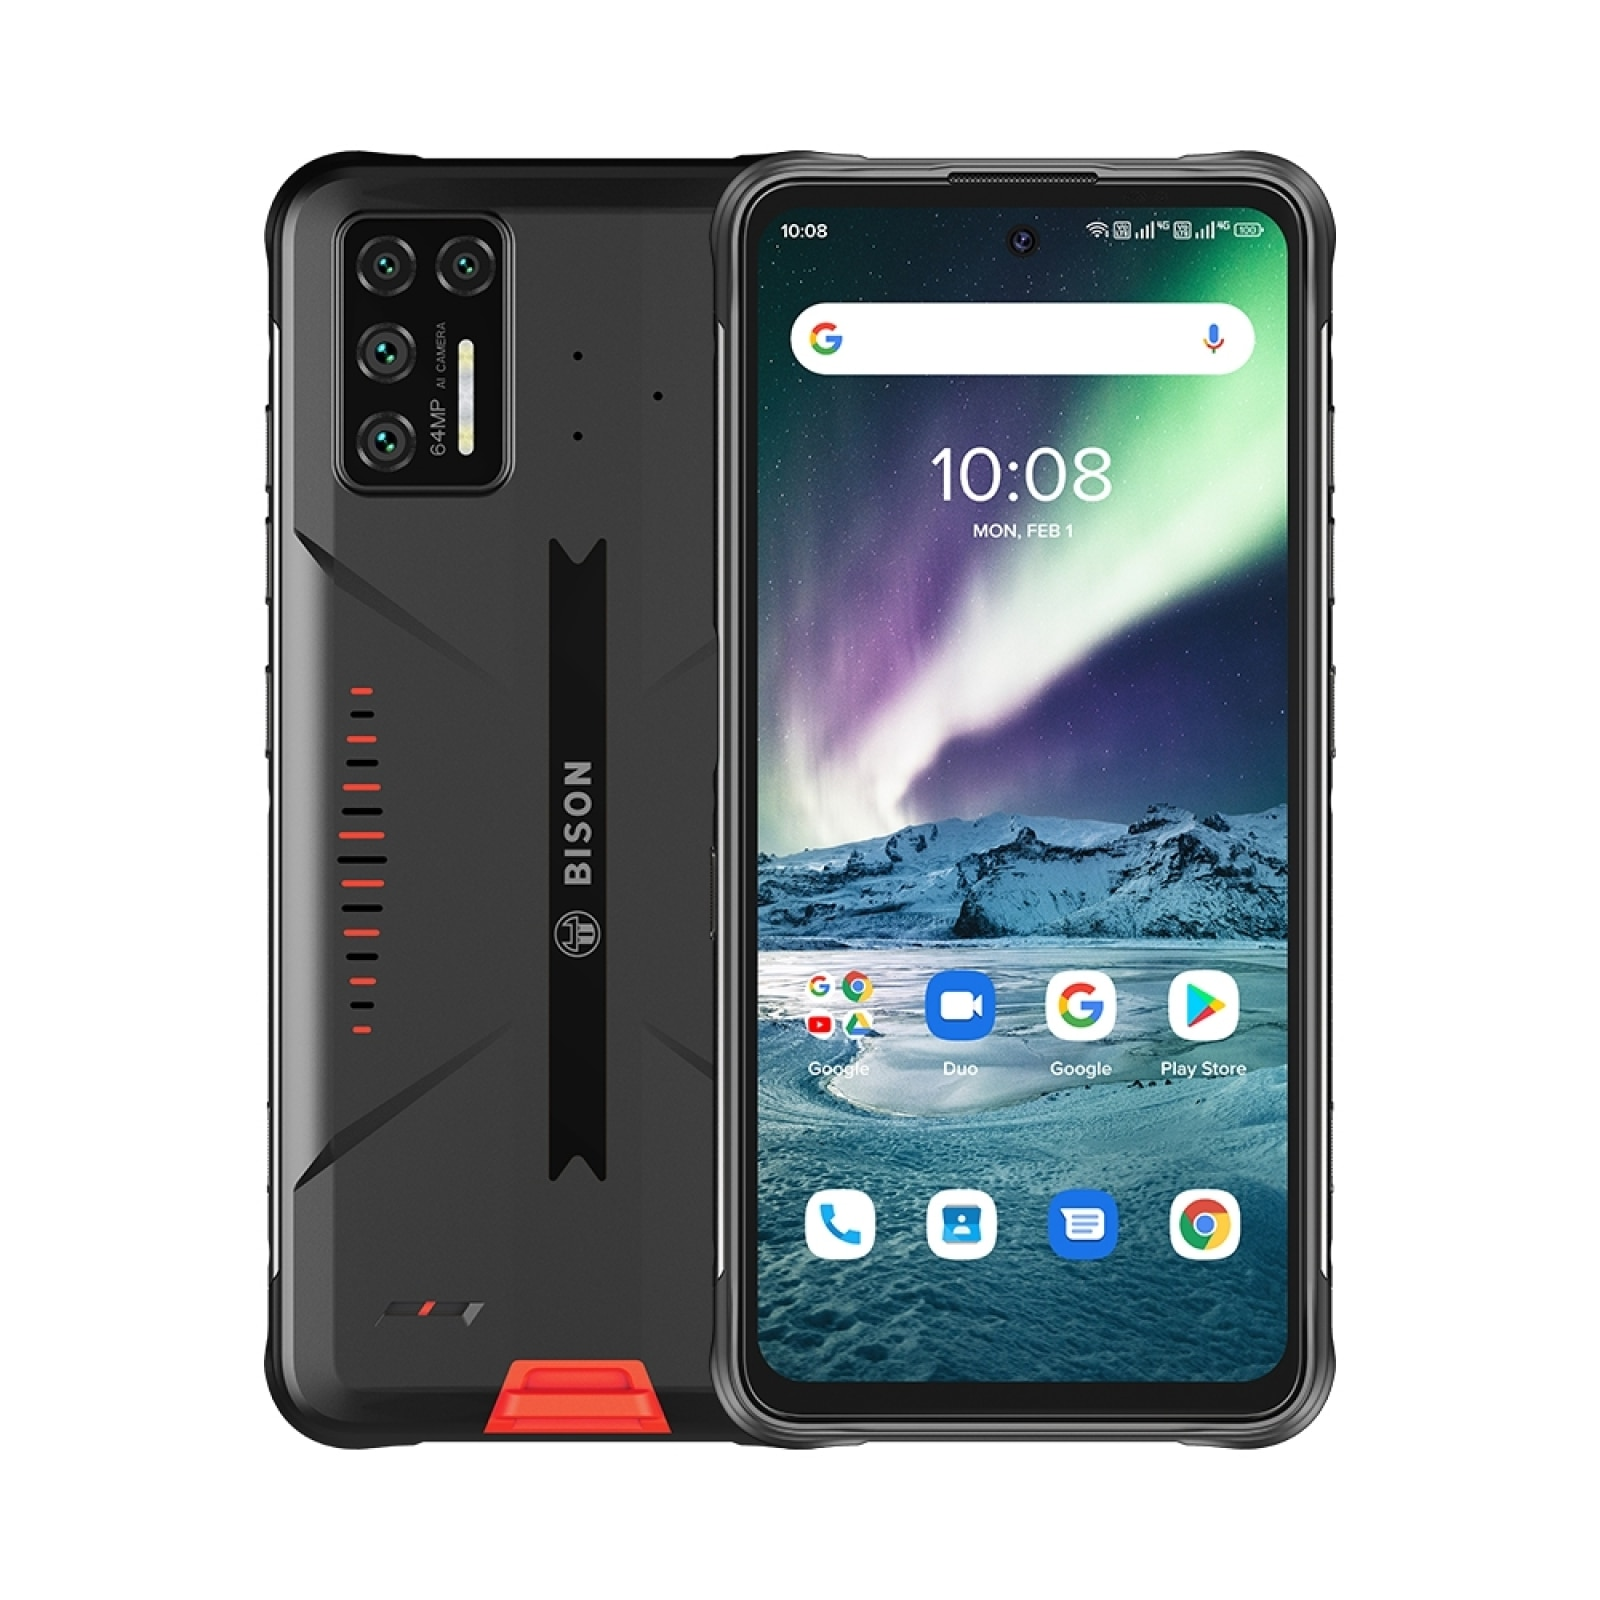 Перейти на Алиэкспресс и купить Смартфон UMIDIGI BISON GT защищенный, IP68/IP69K, камера 64 мп, FHD дисплей 6,67 дюйма, Android 10, Восьмиядерный Helio G95, 8 ГБ + 128 Гб, NFC